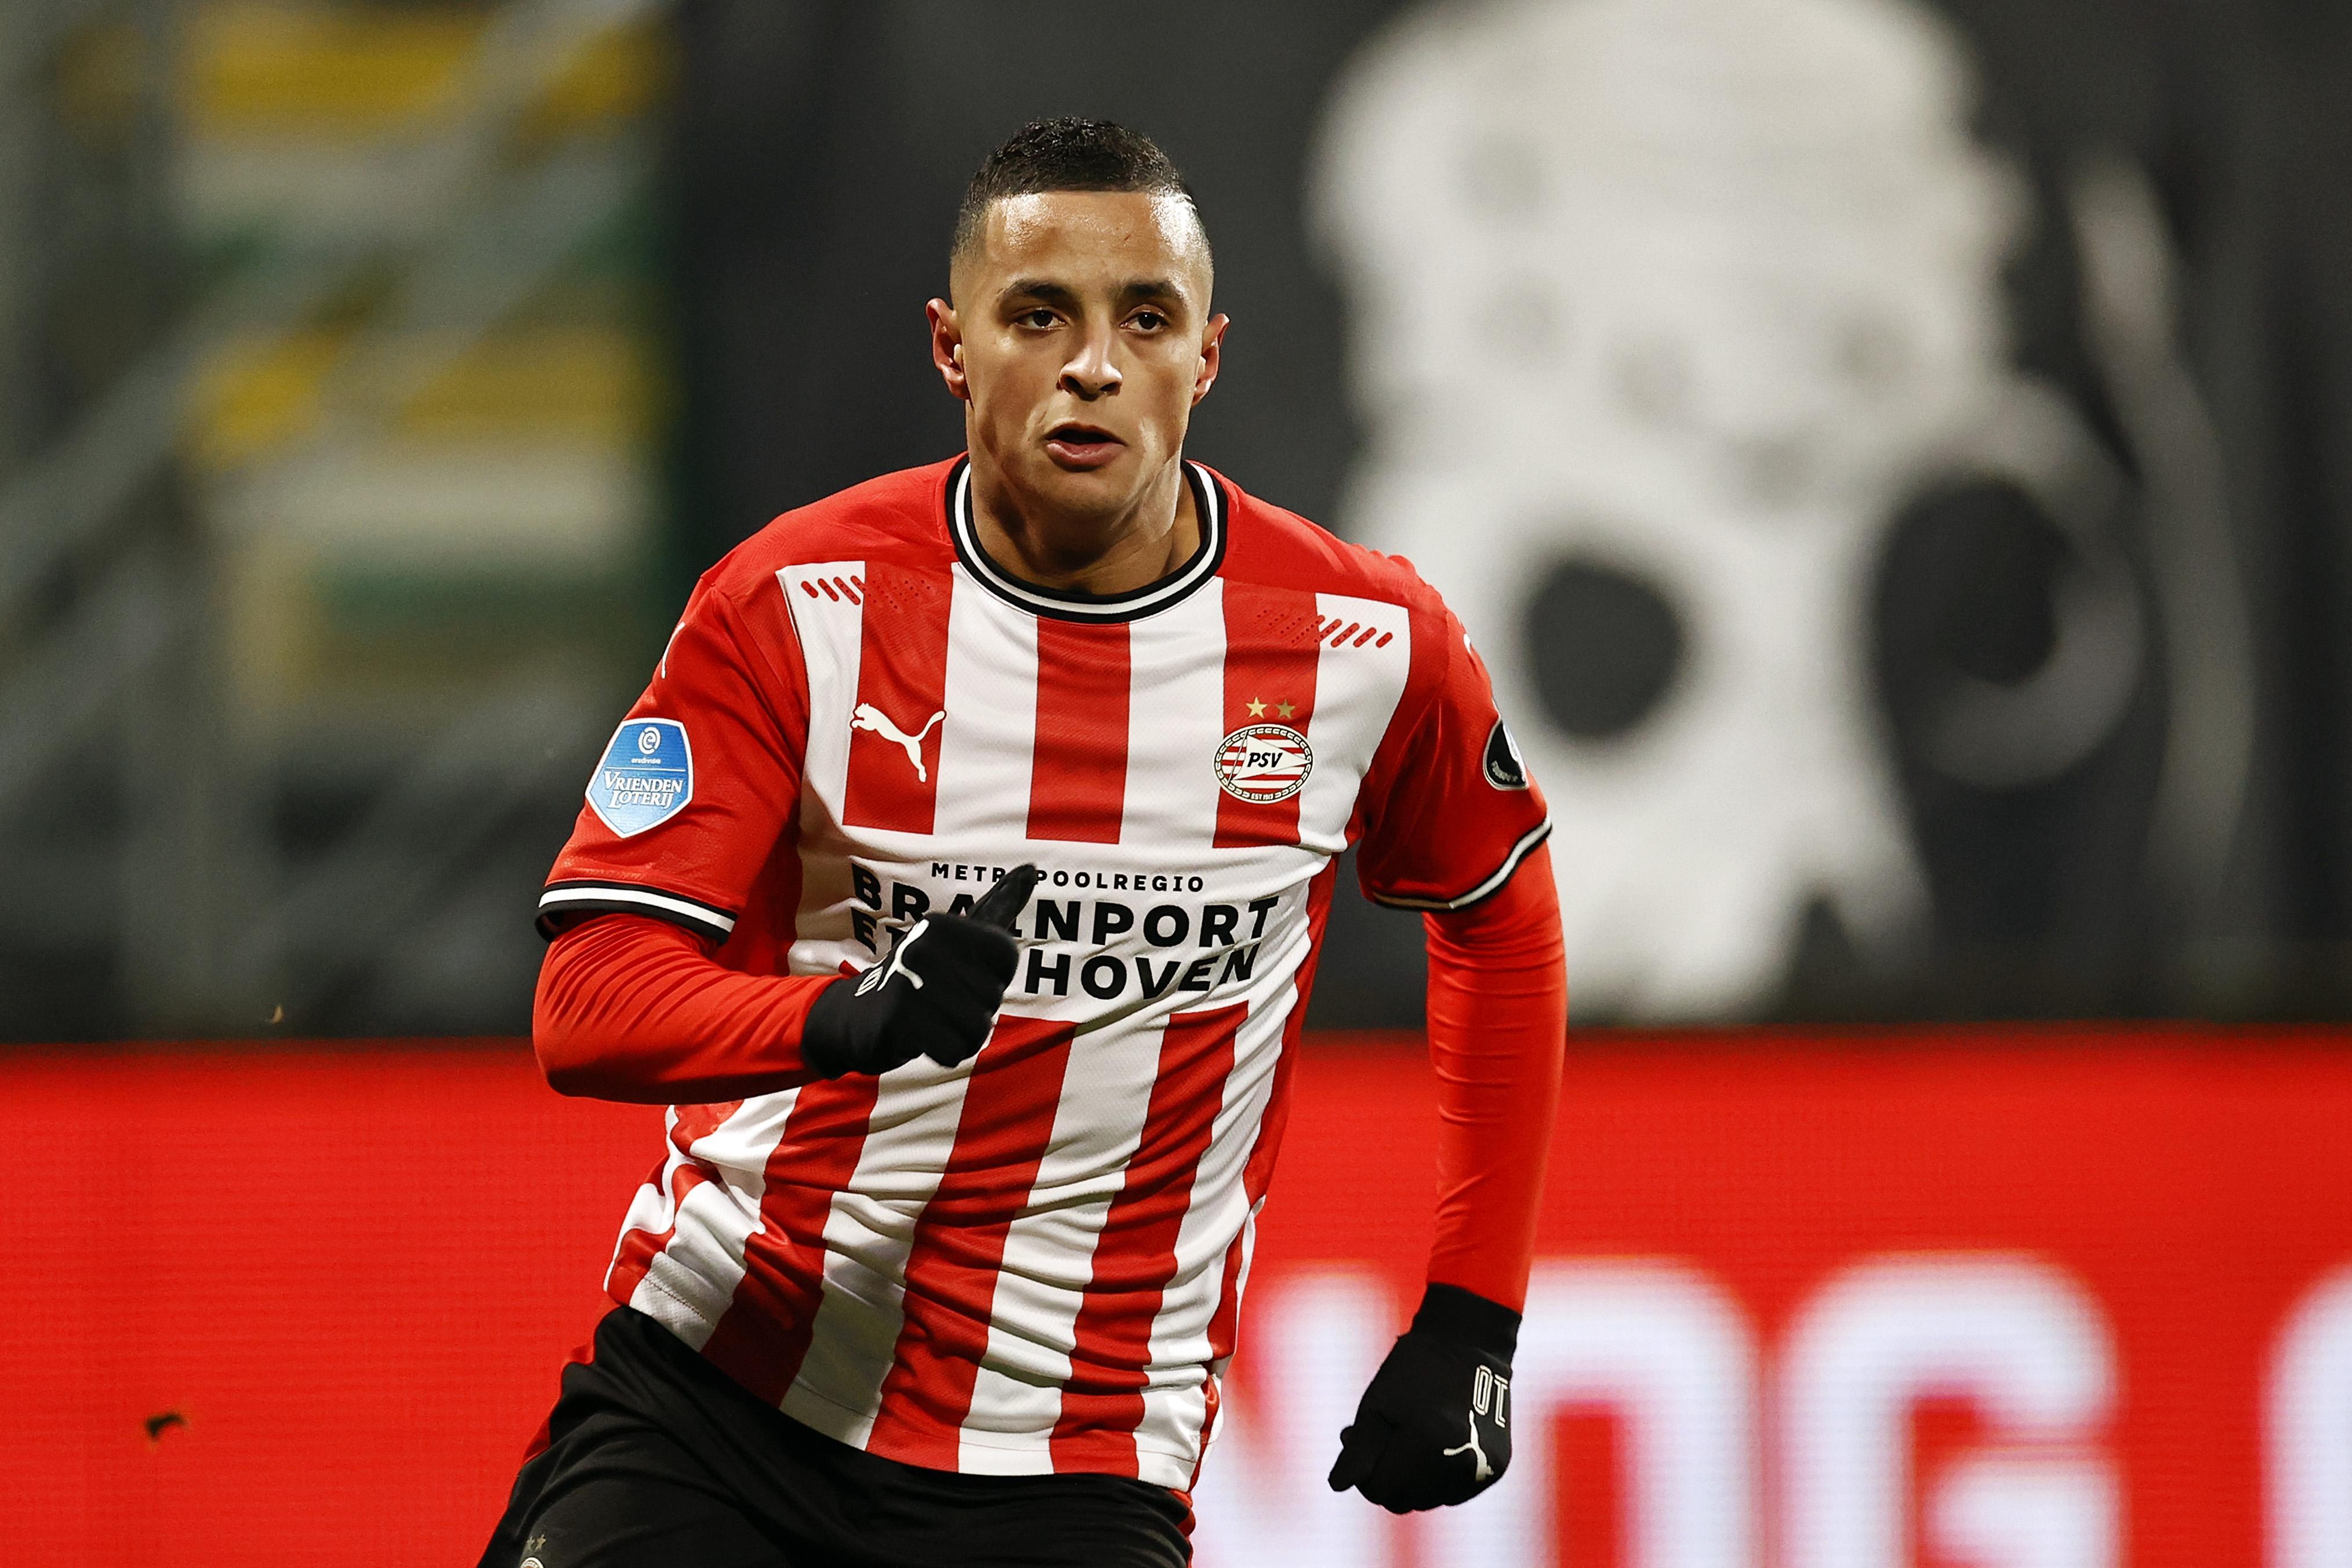 Of Ihattaren een optie is voor Ajax? Ten Hag: 'Goede voetballers zijn altijd welkom bij Ajax, maar hij is nu speler van PSV'